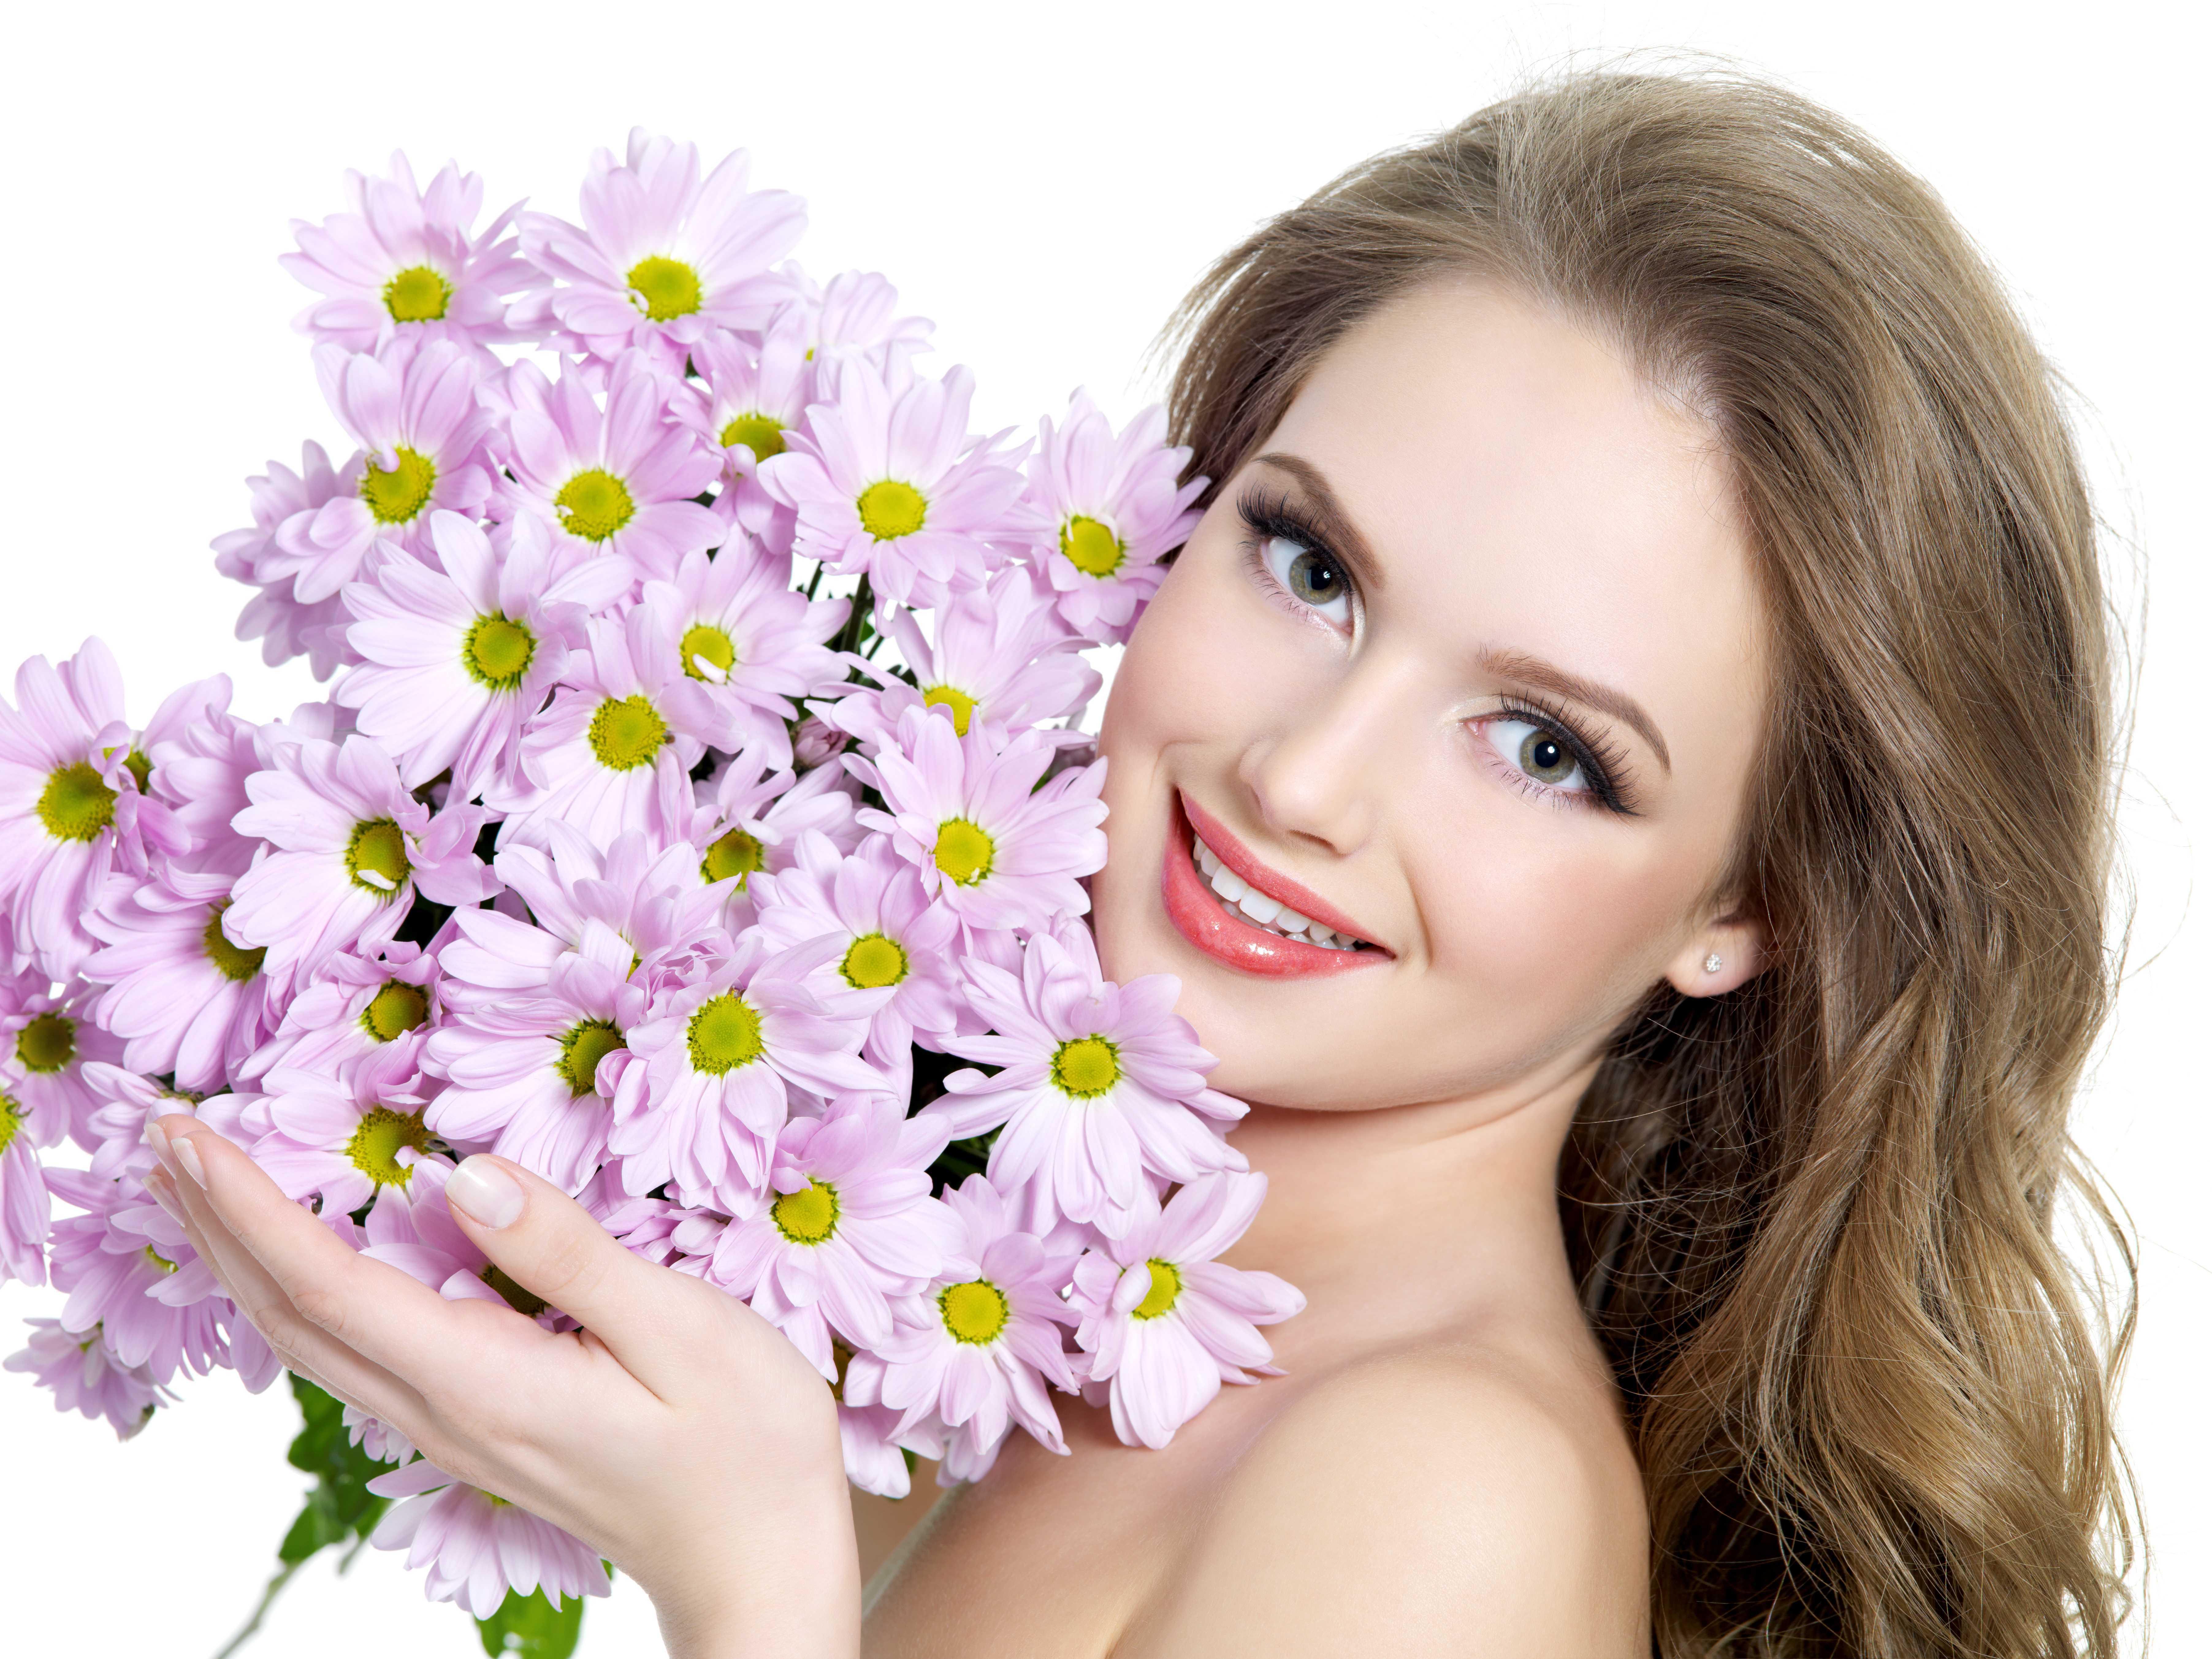 Фото голая девушка с букетом цветов 18 фотография